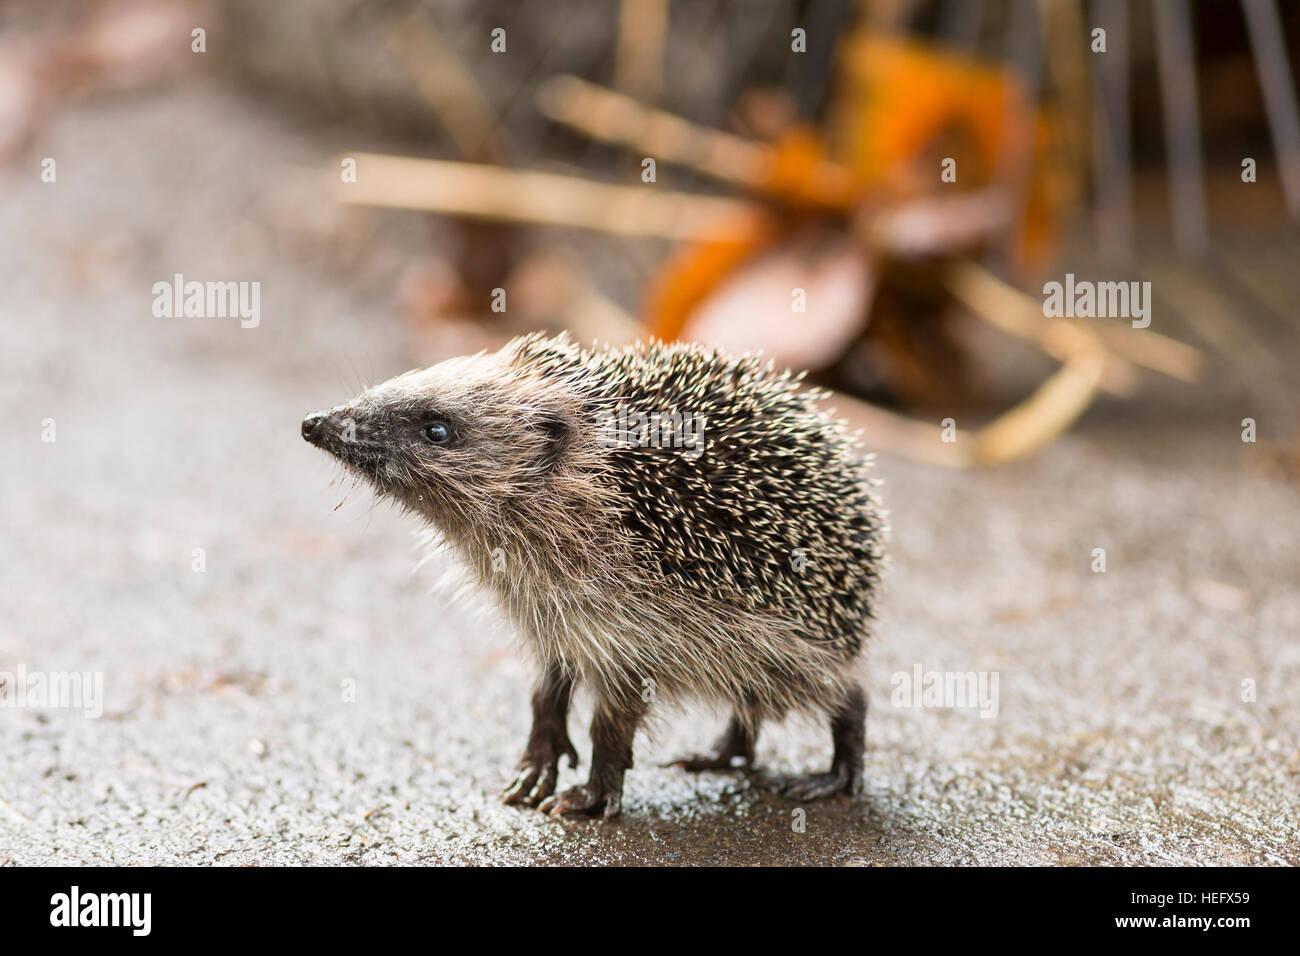 juvenile hedgehog standing on tip toe - Stock Image